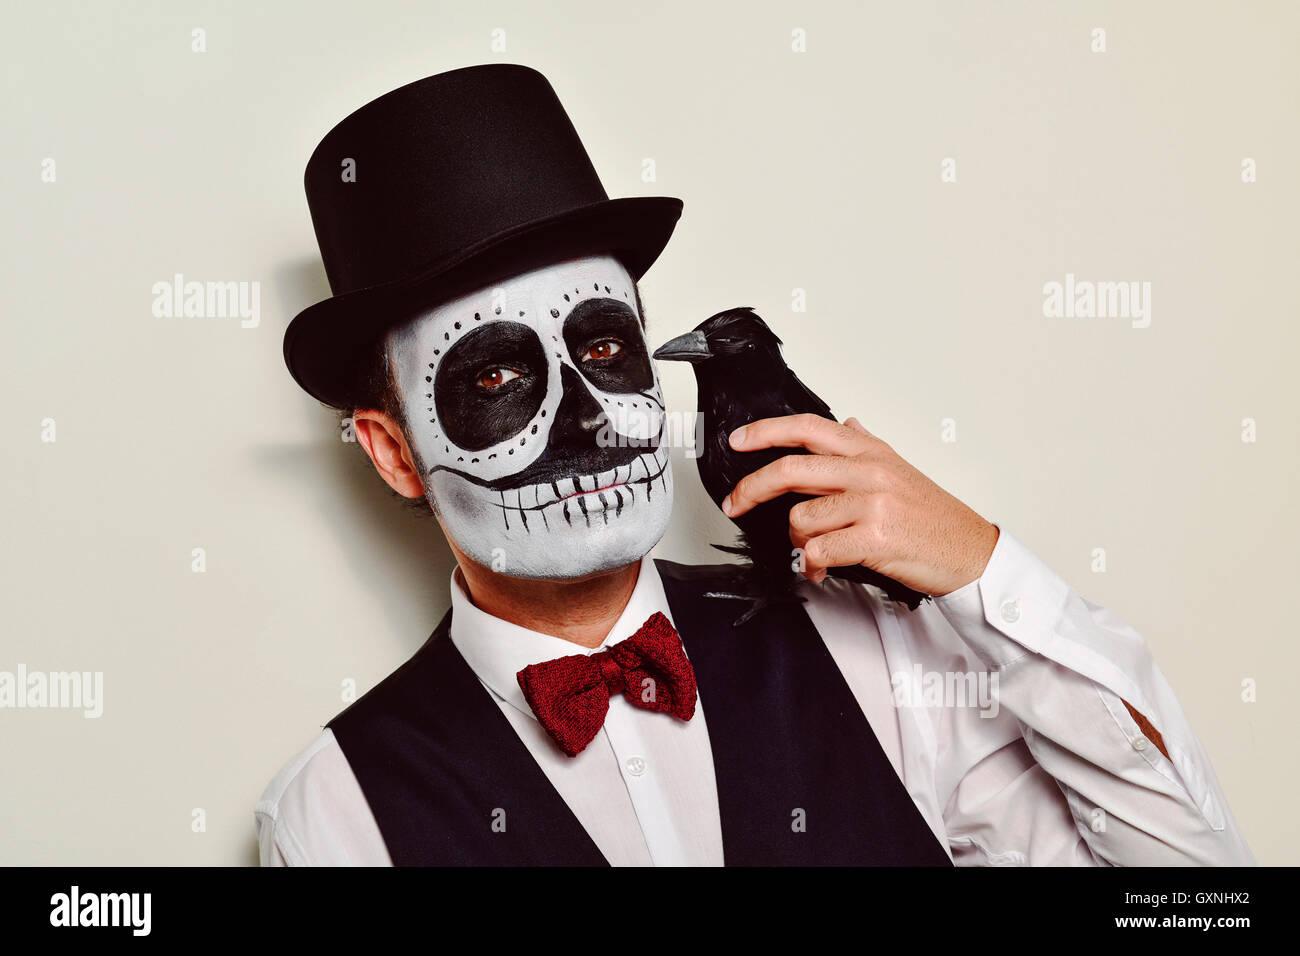 Hombre vestido de negro con sombrero